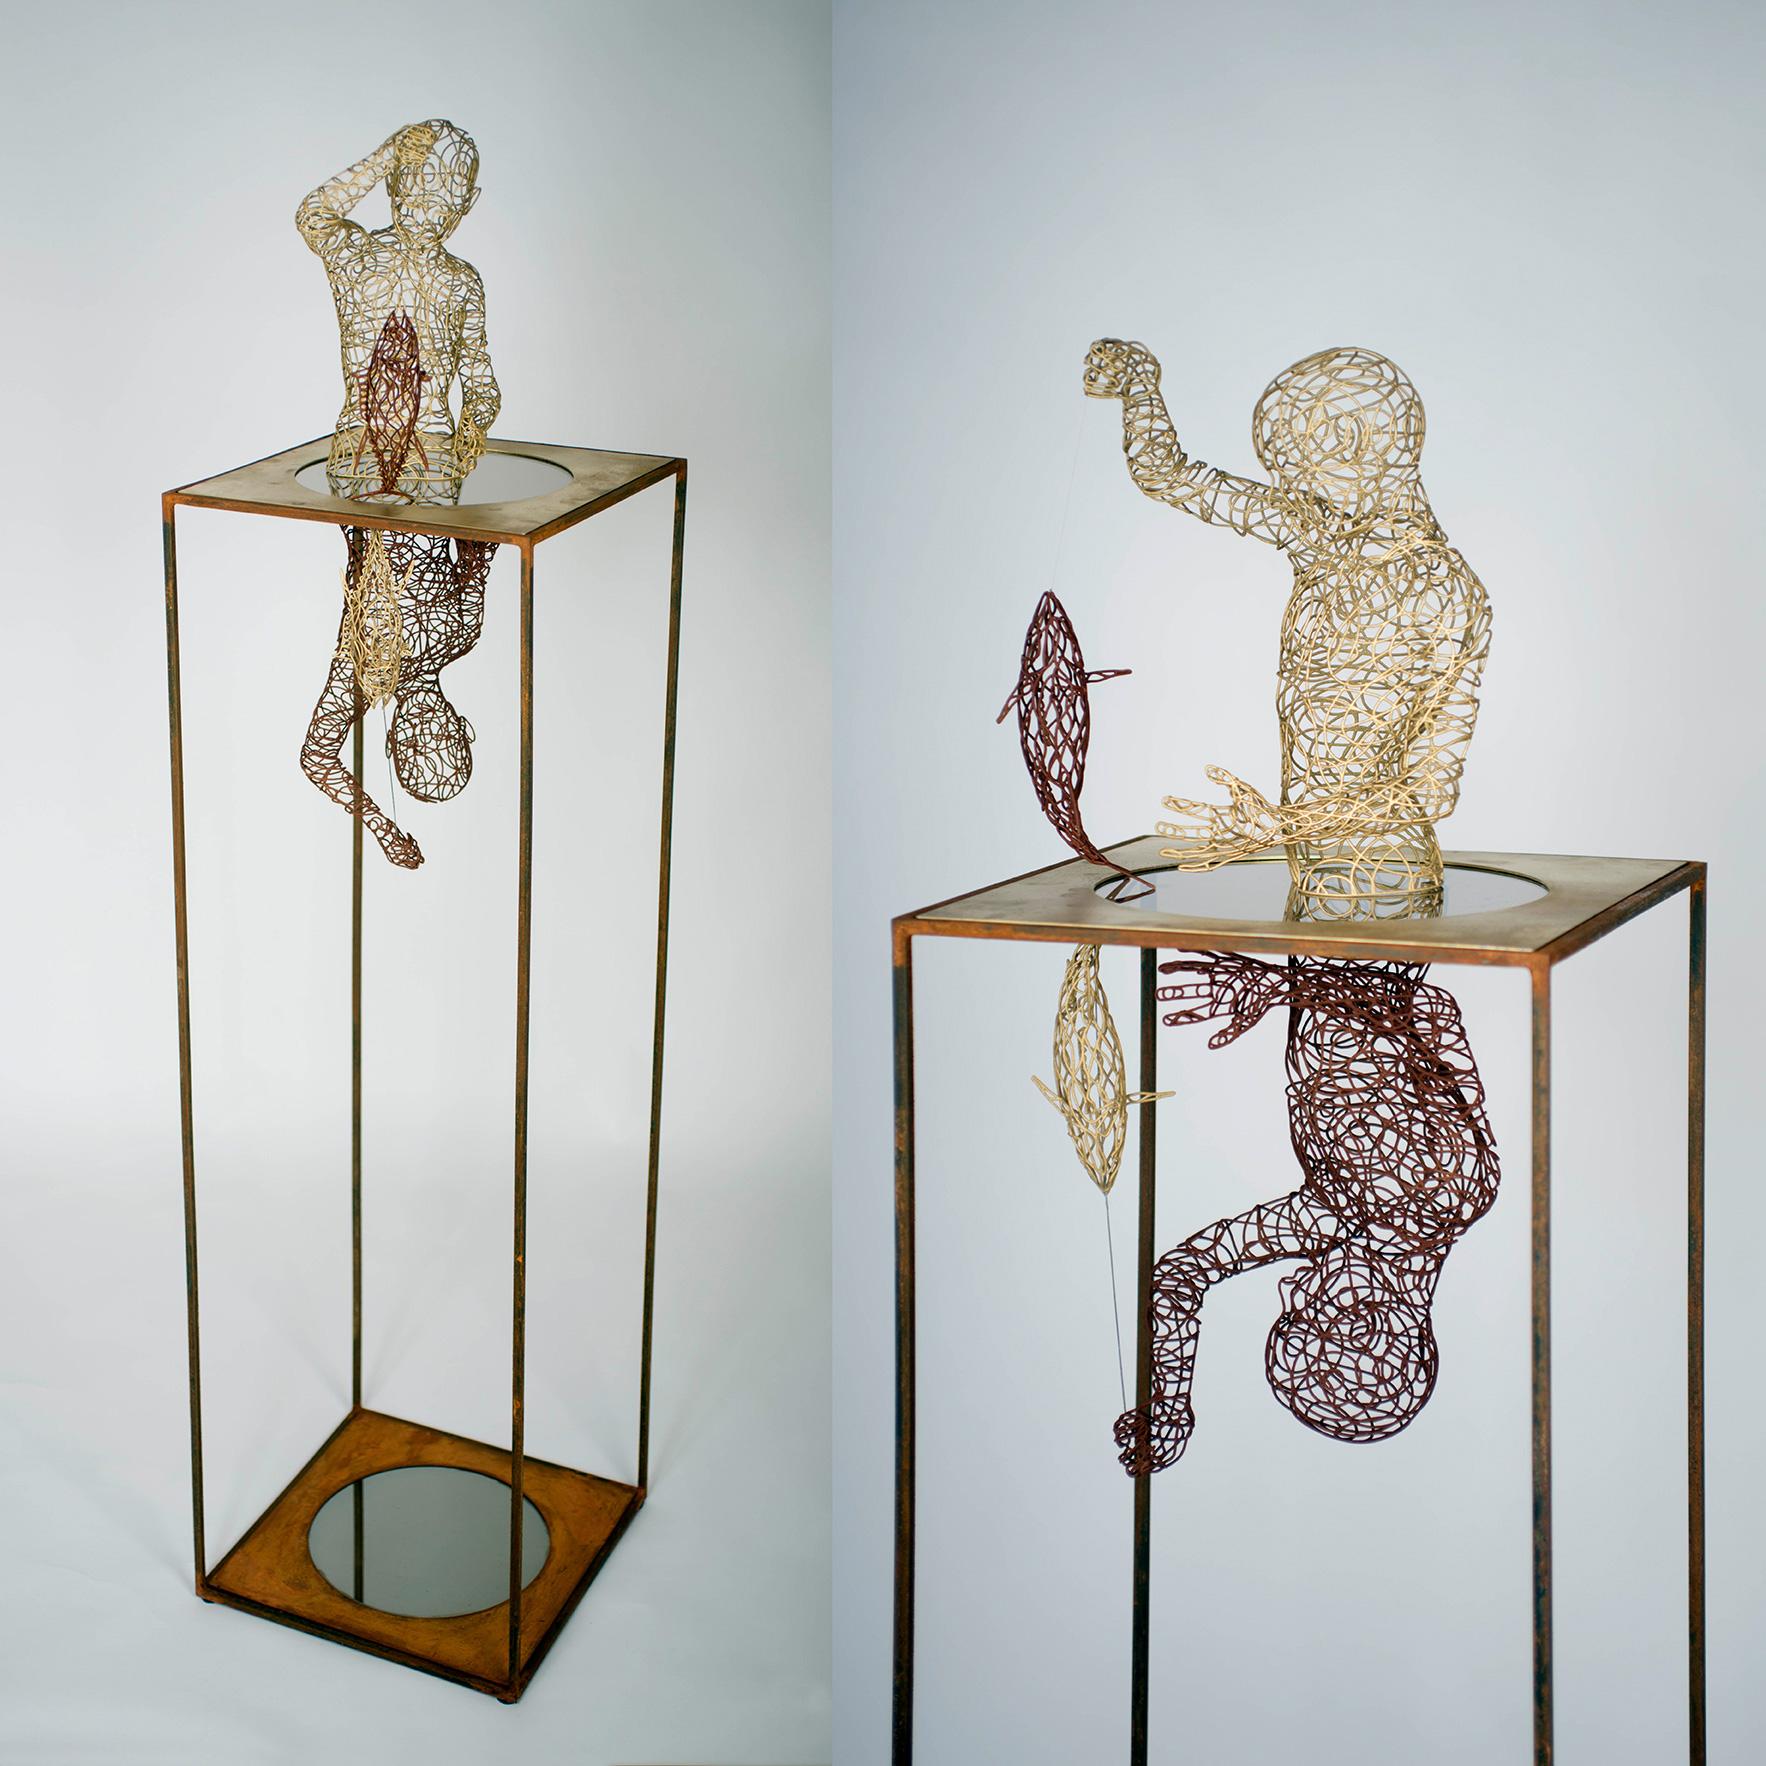 Bonzanos A.G., Al di qua e al di là, Scultura in filo SLS Duraform, realizzata con stampante 3D, 174x42x42 cm, 2017. Collezione privata.